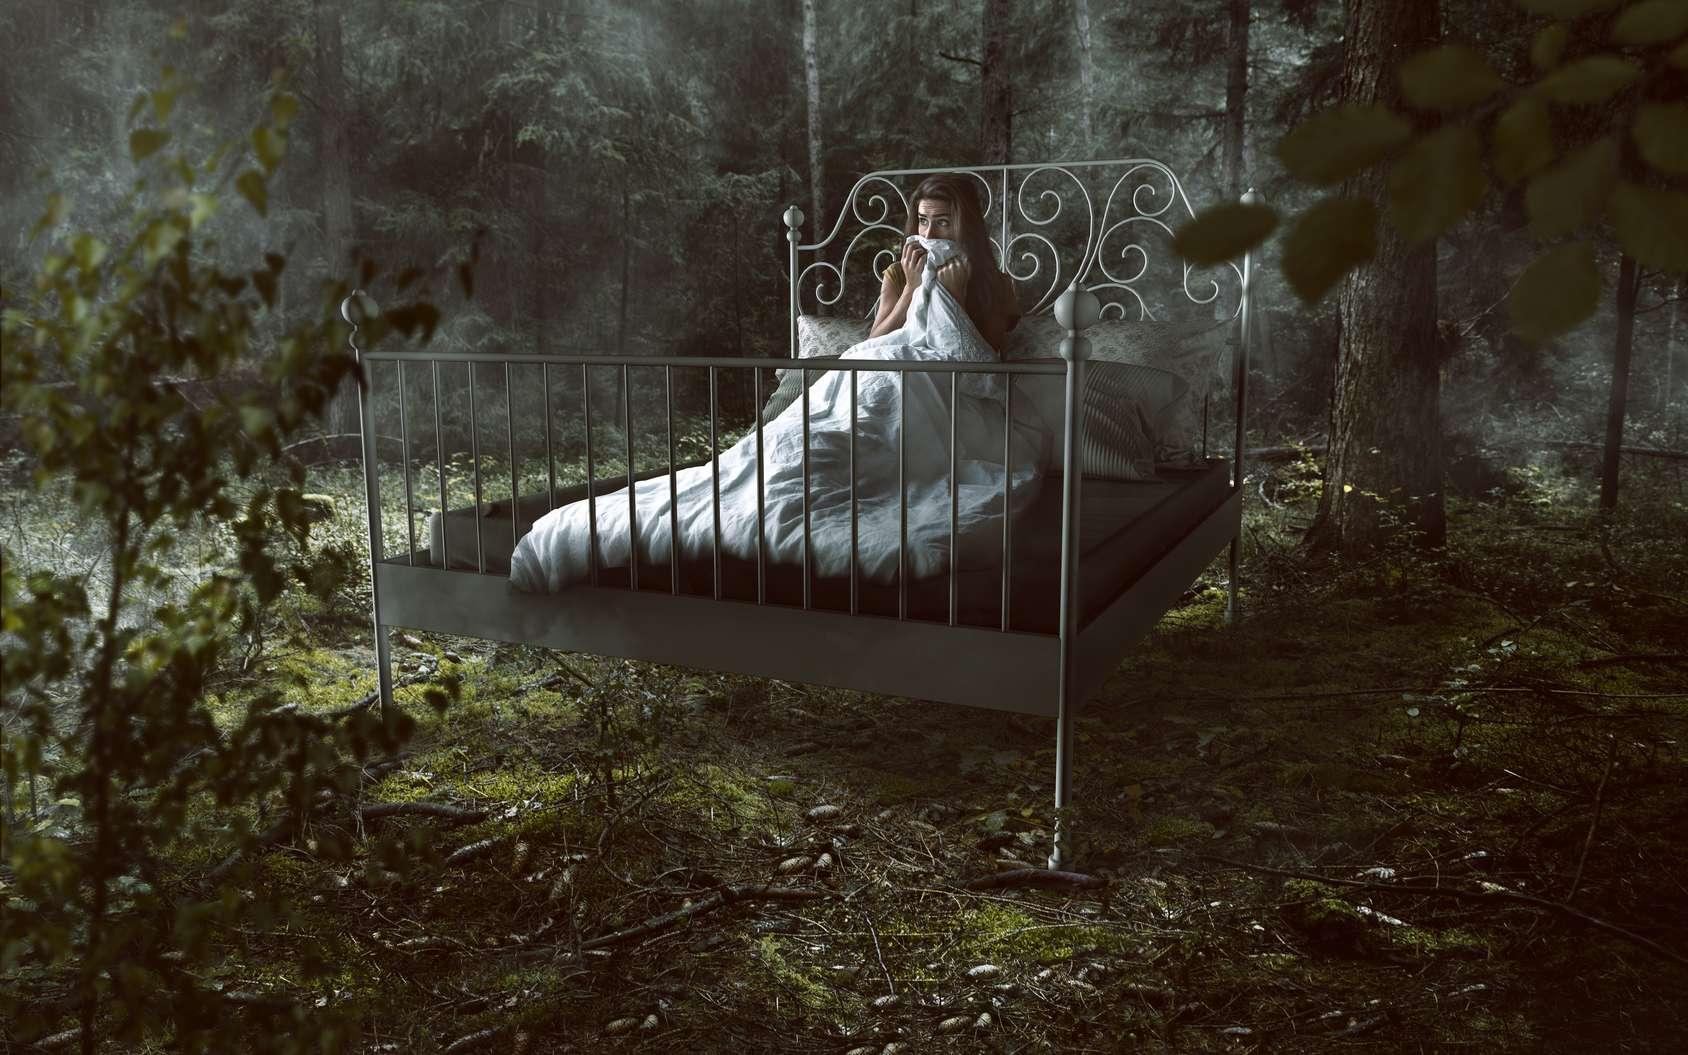 Pourquoi fait-on des cauchemars plutôt que des rêves ? © Lassedesignen, Fotolia